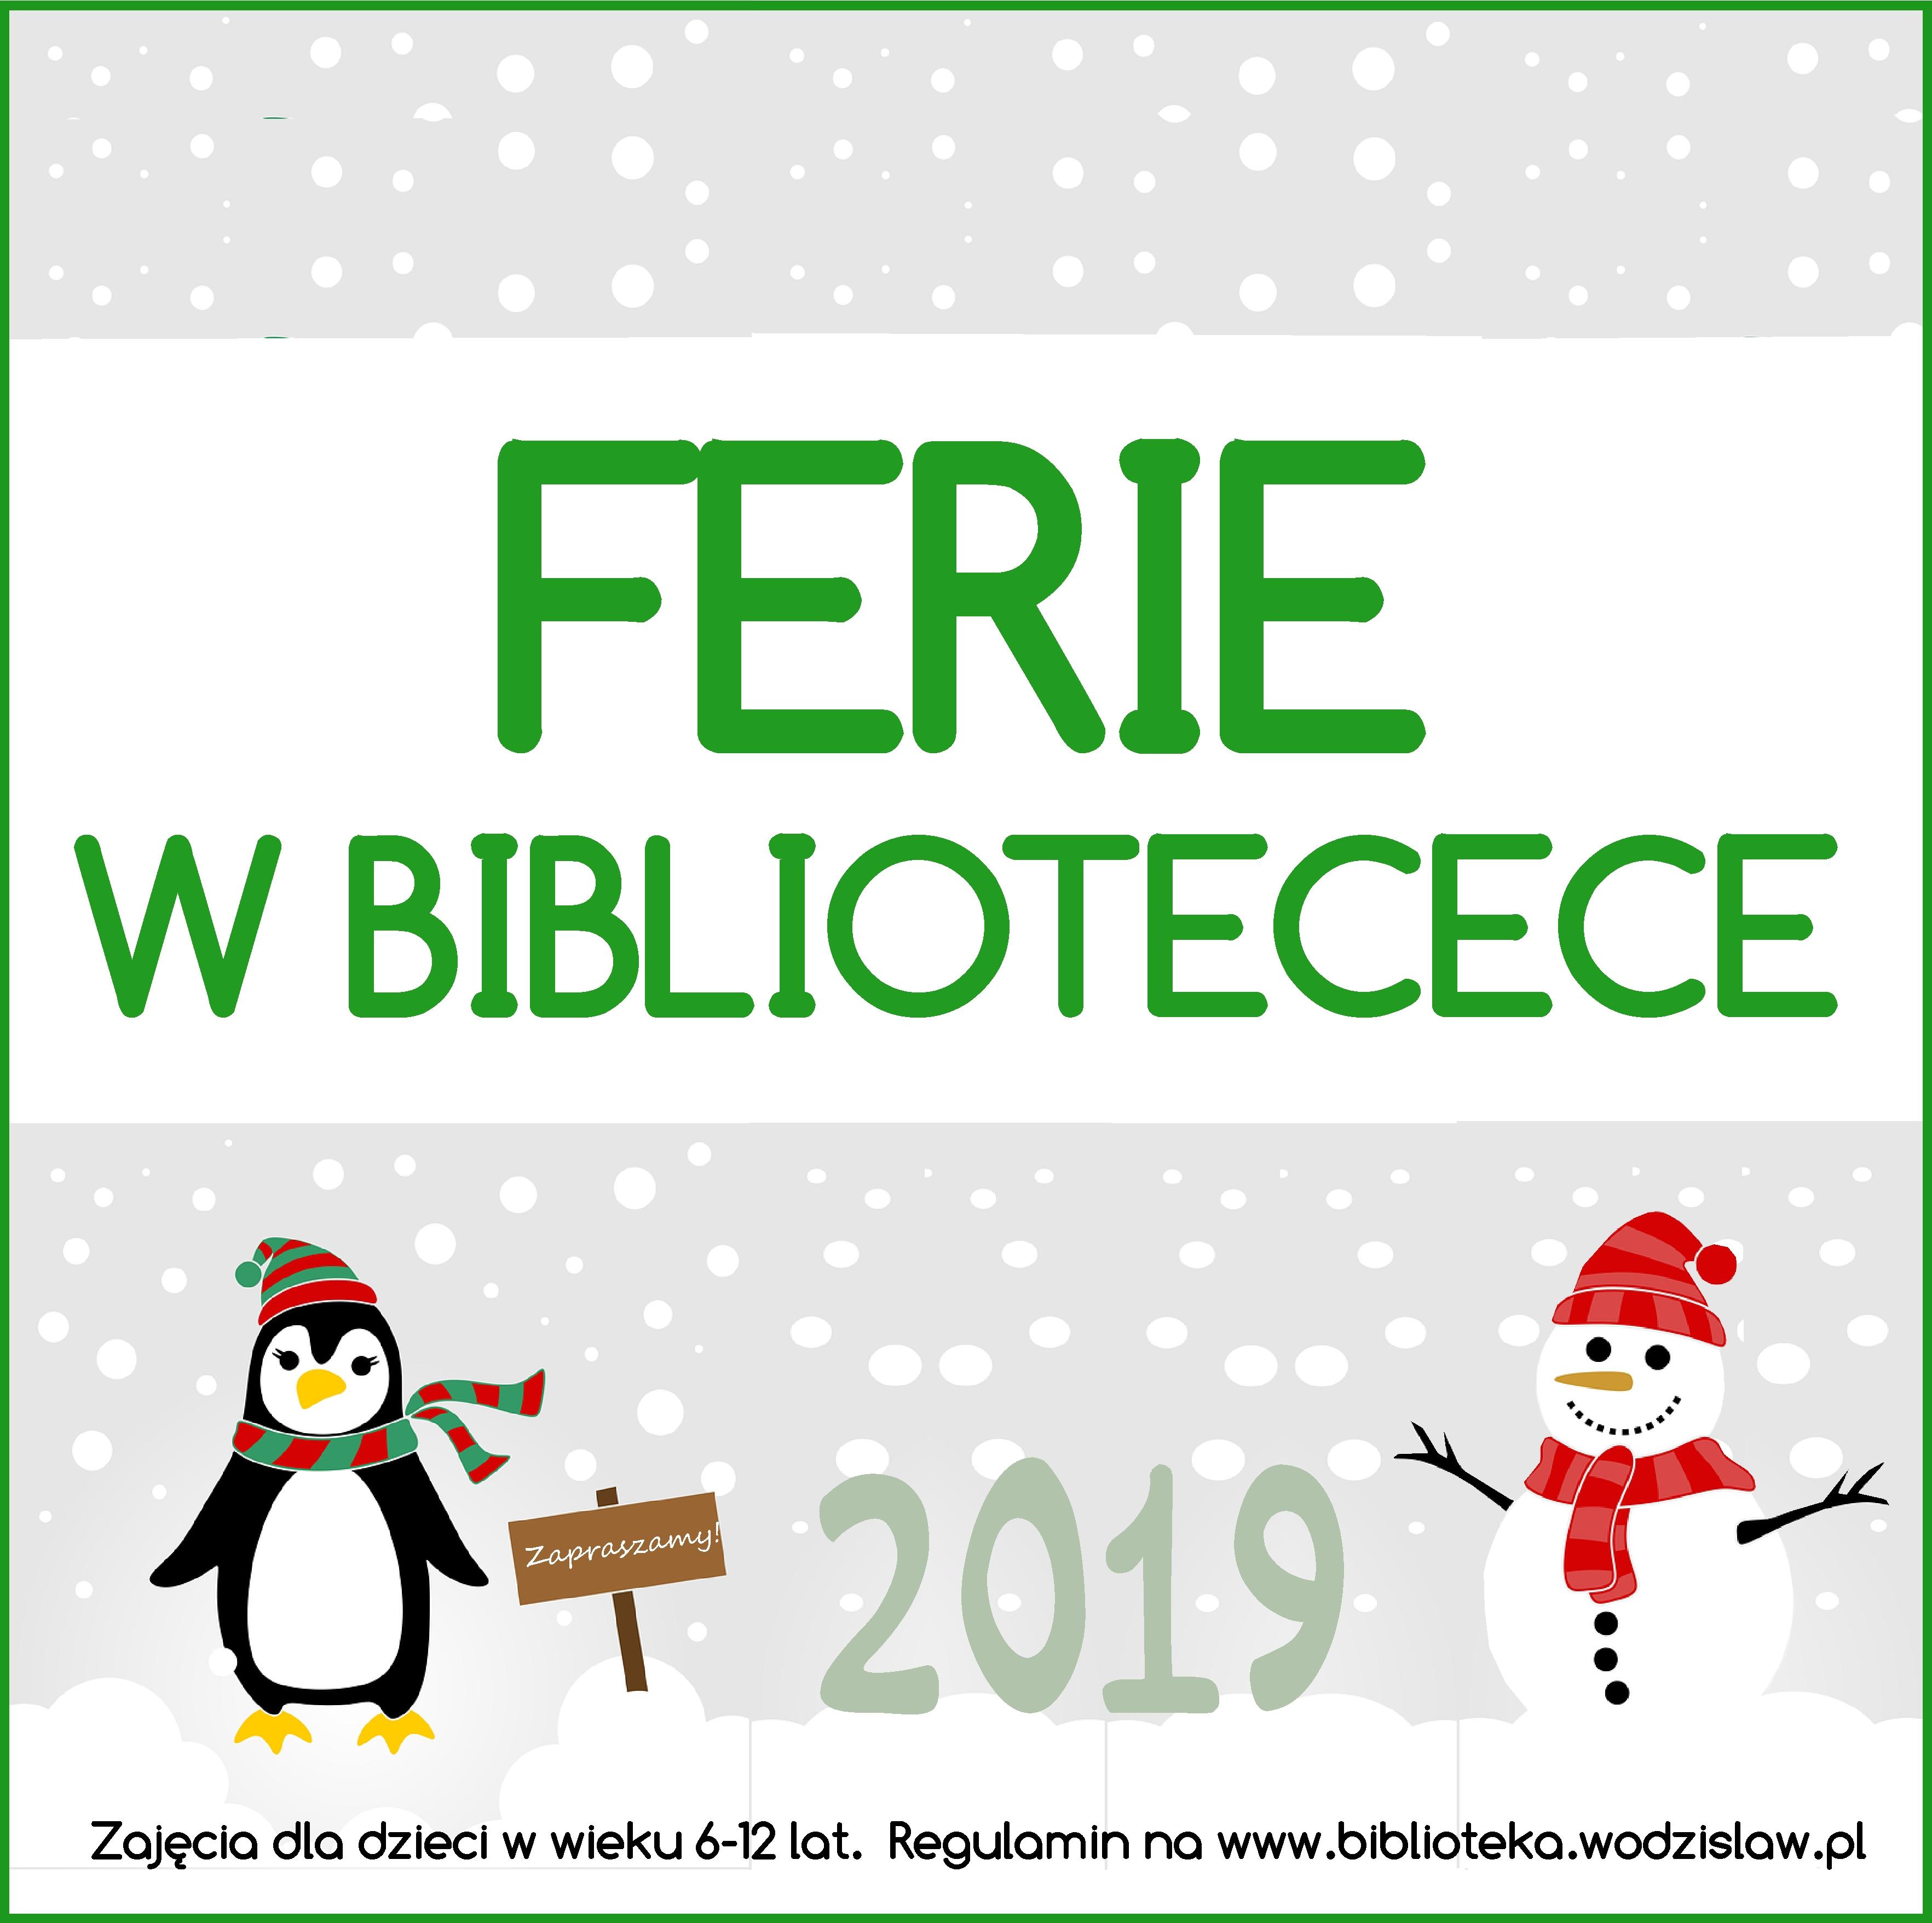 FERIE W BIBLIOTECE 2019